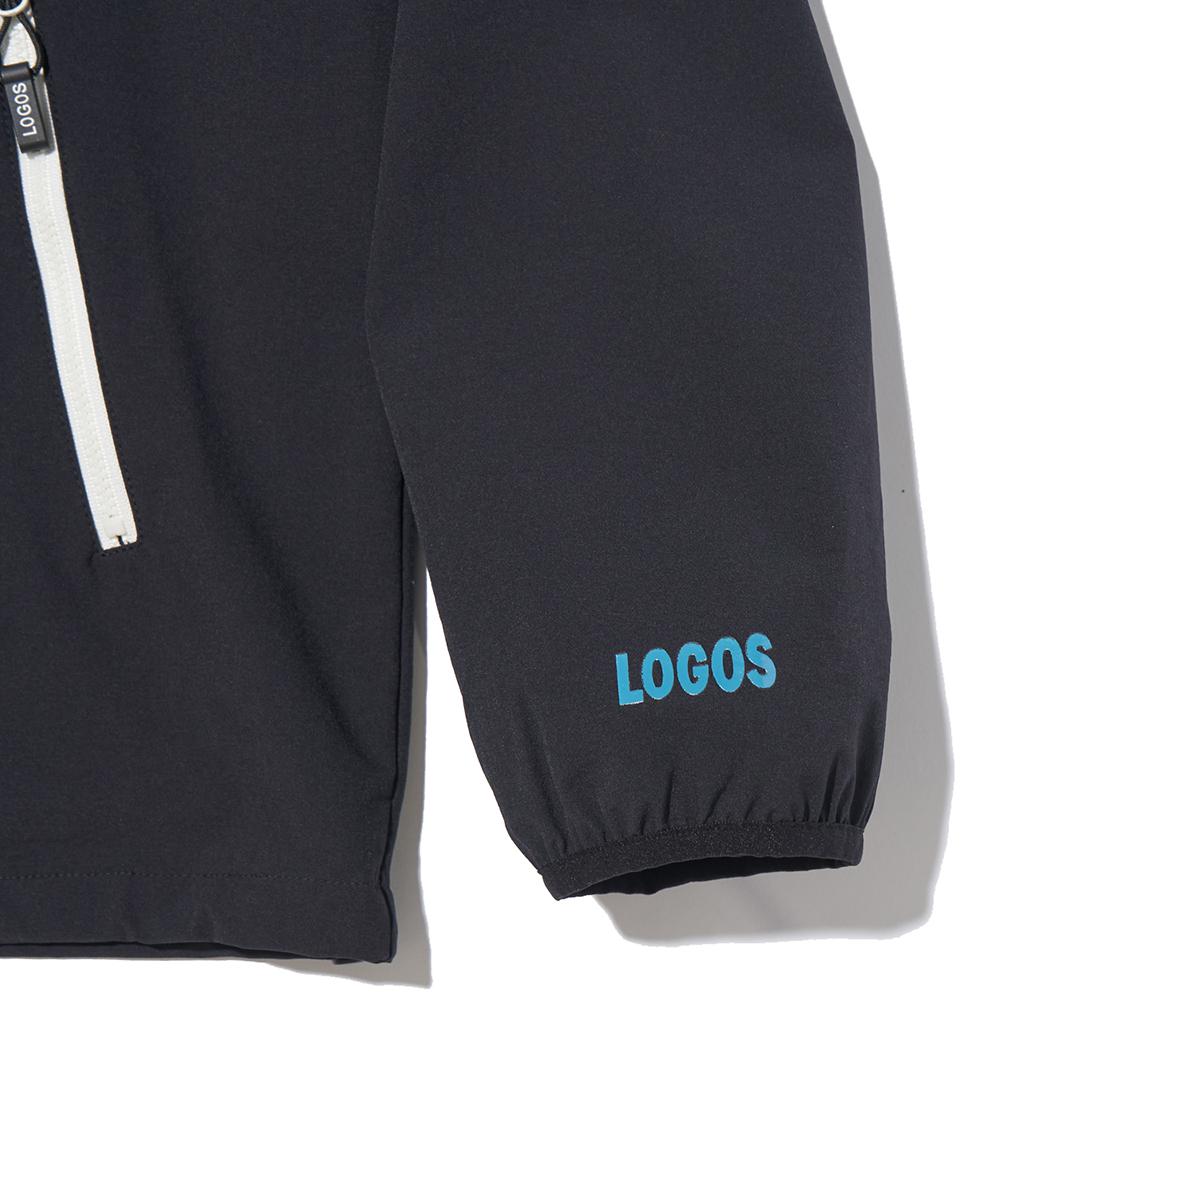 袖には「LOGOS」のロゴ